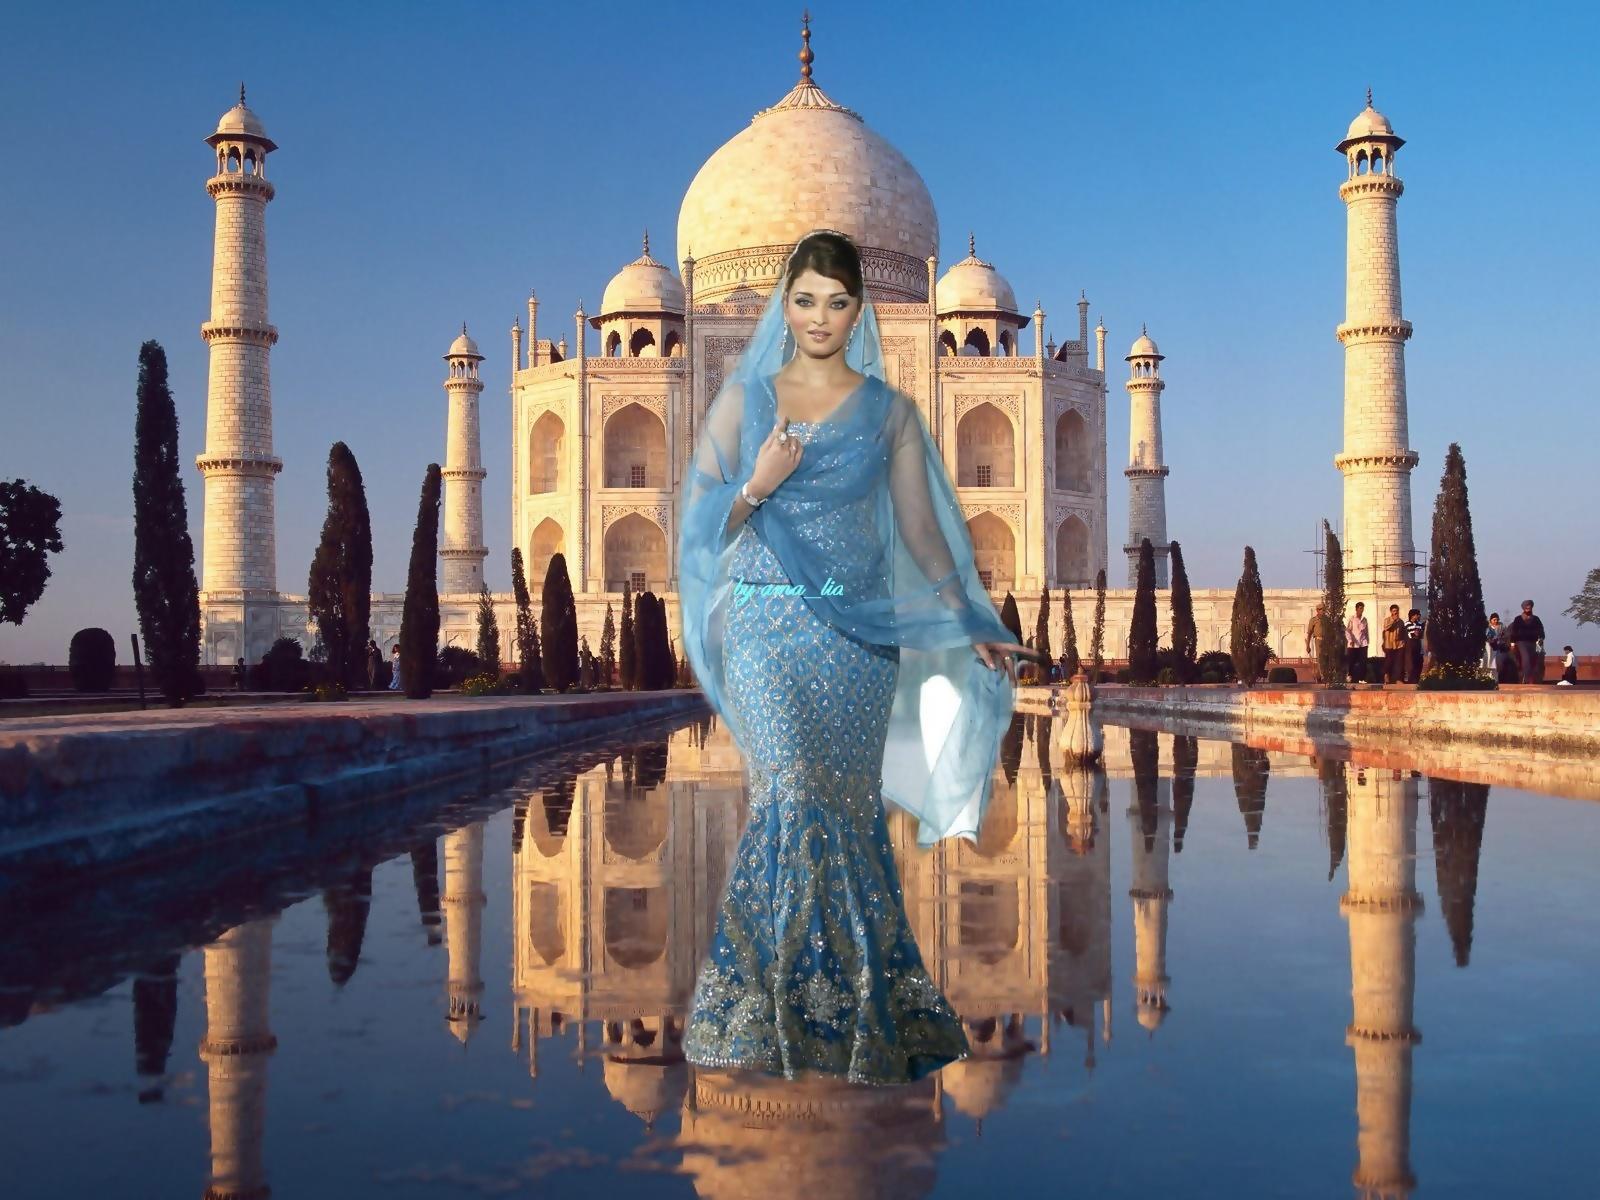 Aishwarya-Rai-Taj-Mahal-taj-mahal-34536155-1600-1200